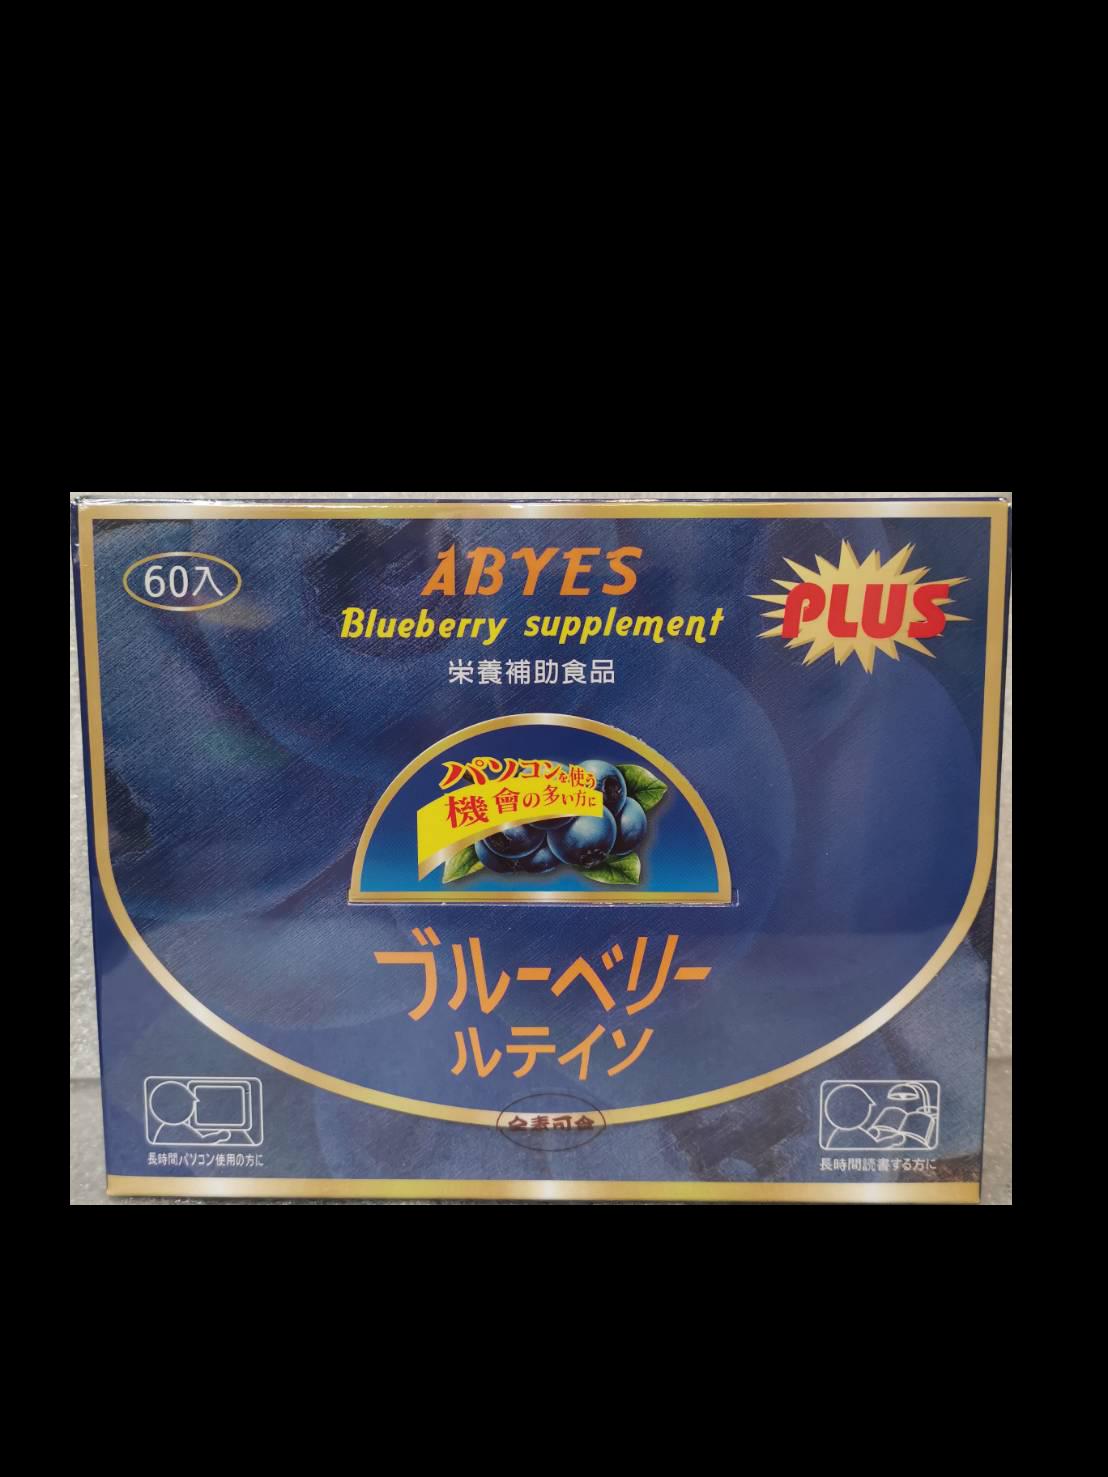 樂視寶藍莓多酚+葉黃素晶亮鮮明膠囊 (全素)27克/60顆